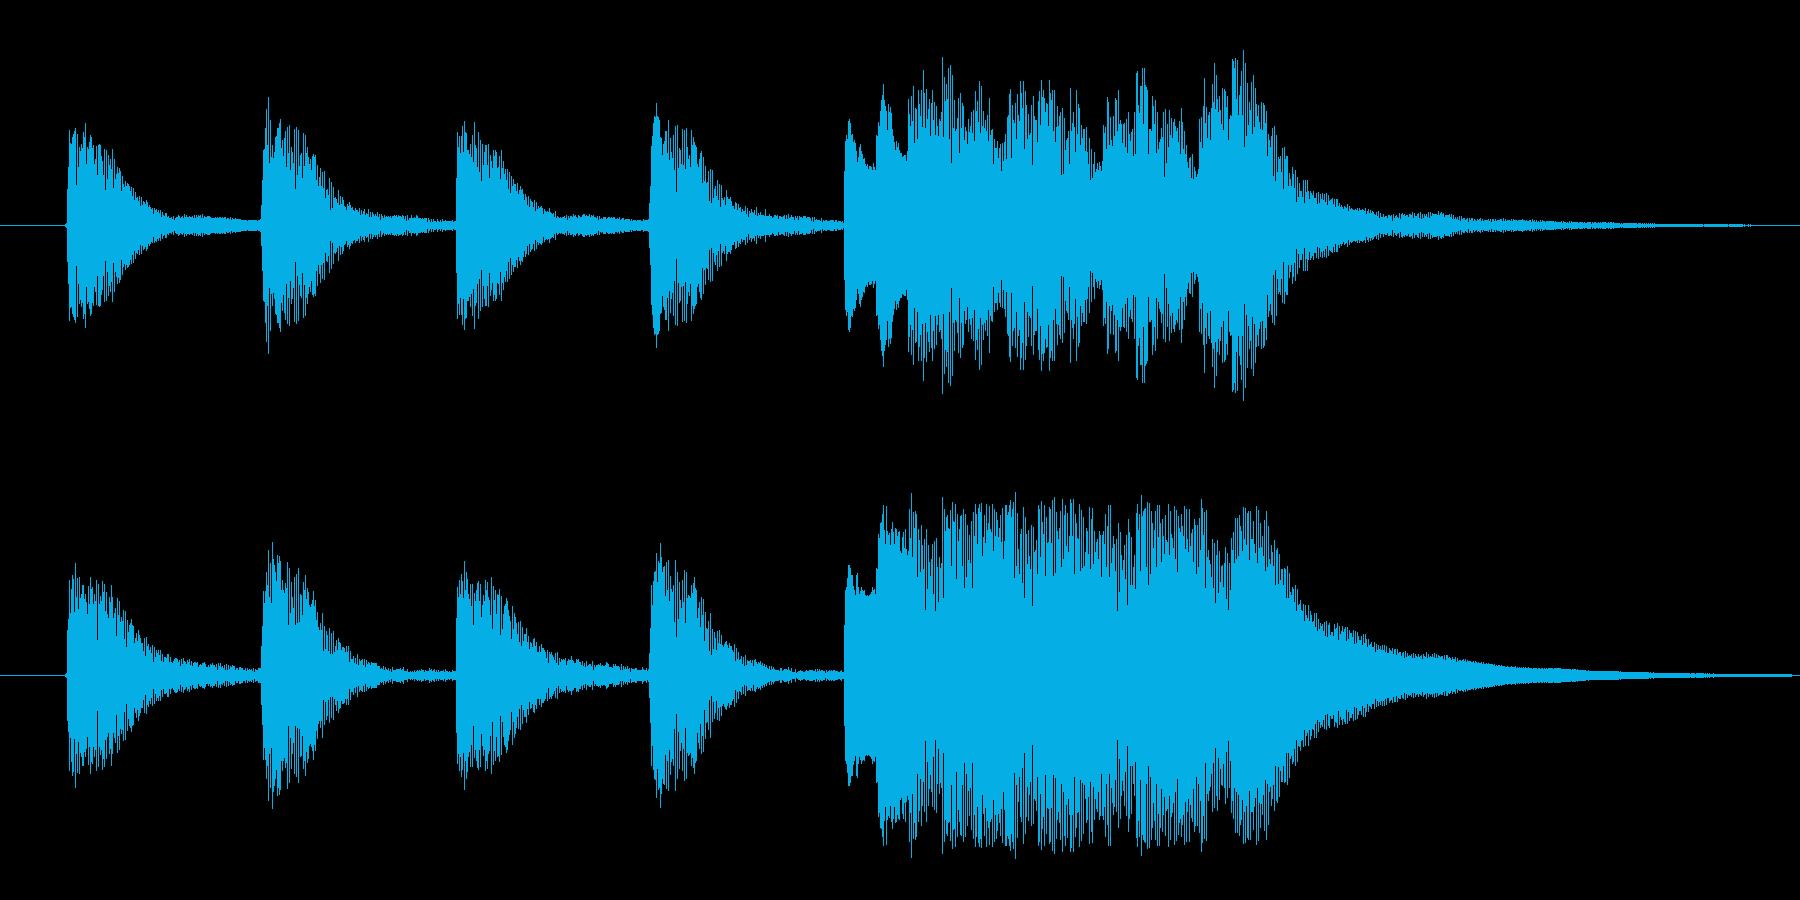 ホールトーンジングルの再生済みの波形